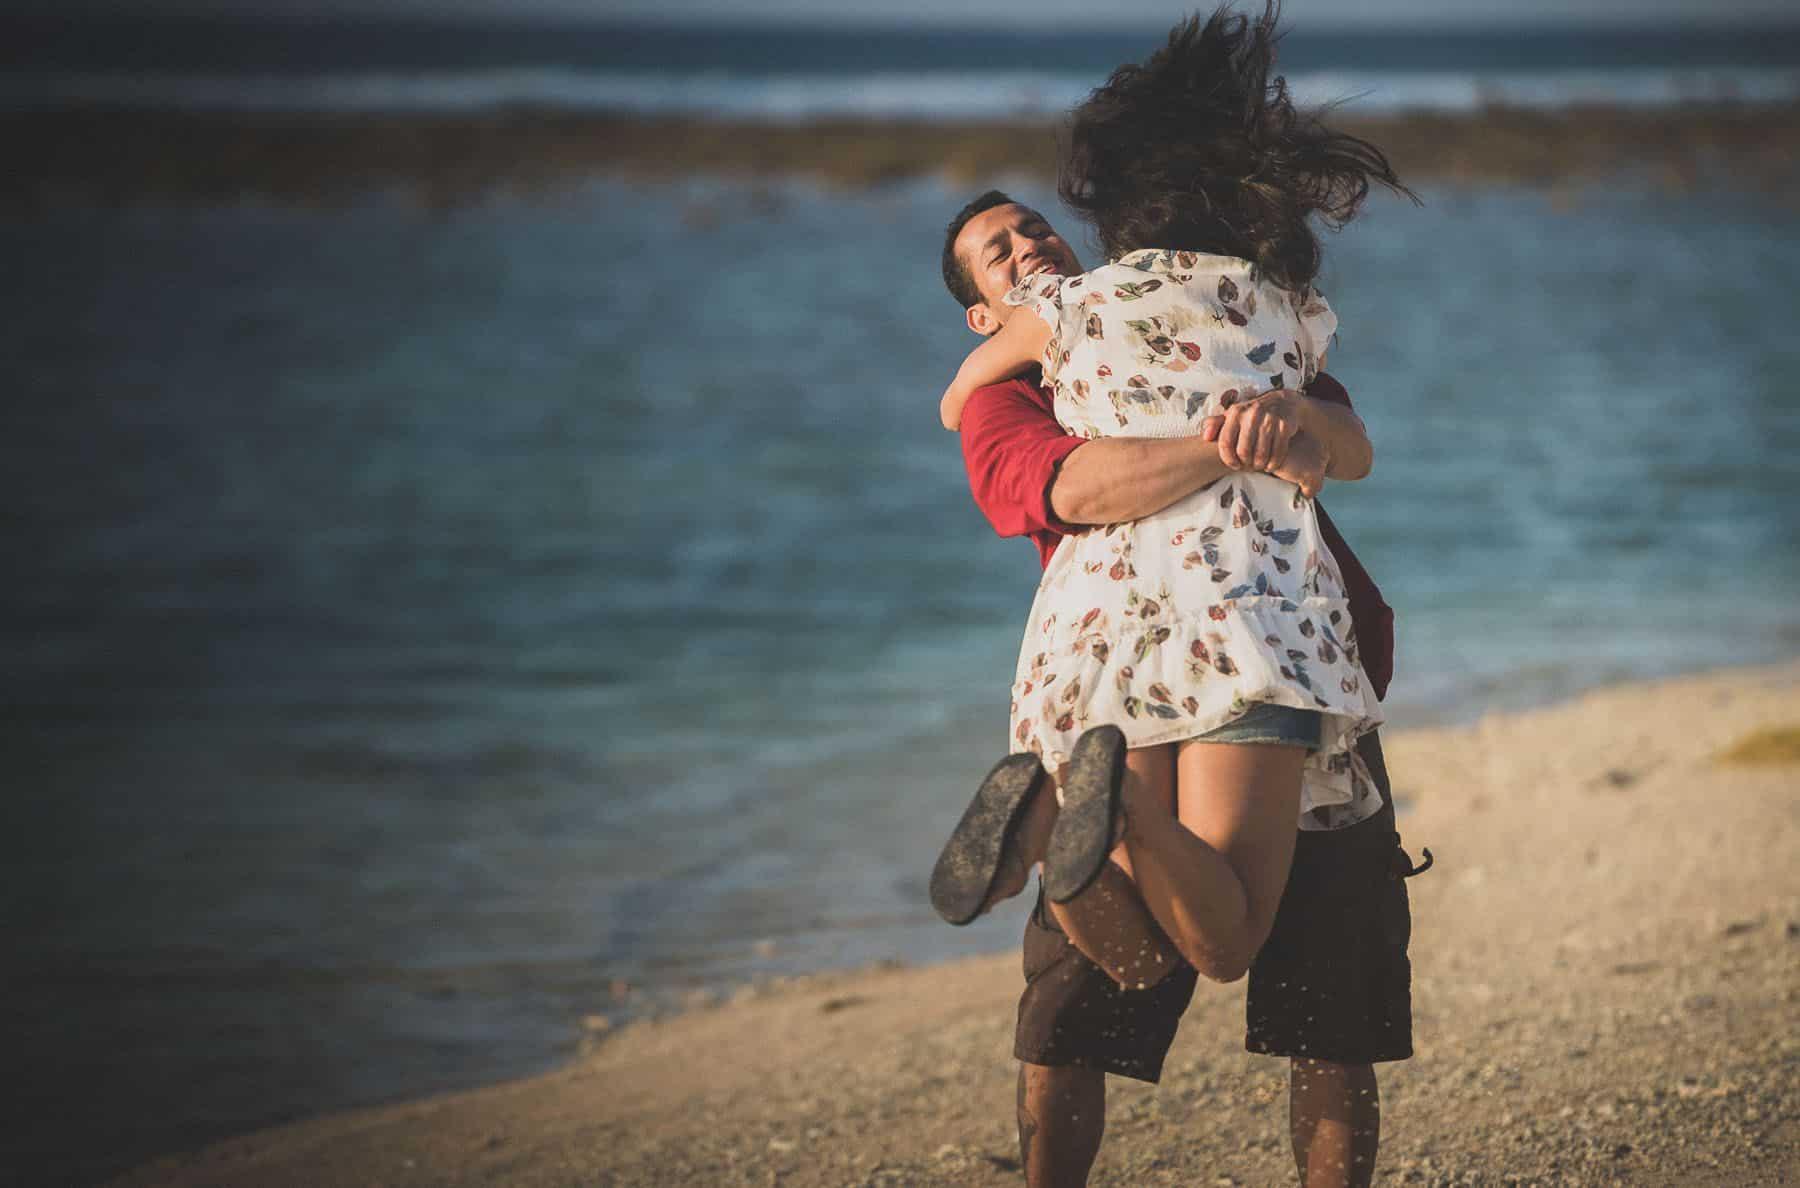 Pre-Wedding Photographer Bangkok   Bride and Groom Photography Gili Bali Beach